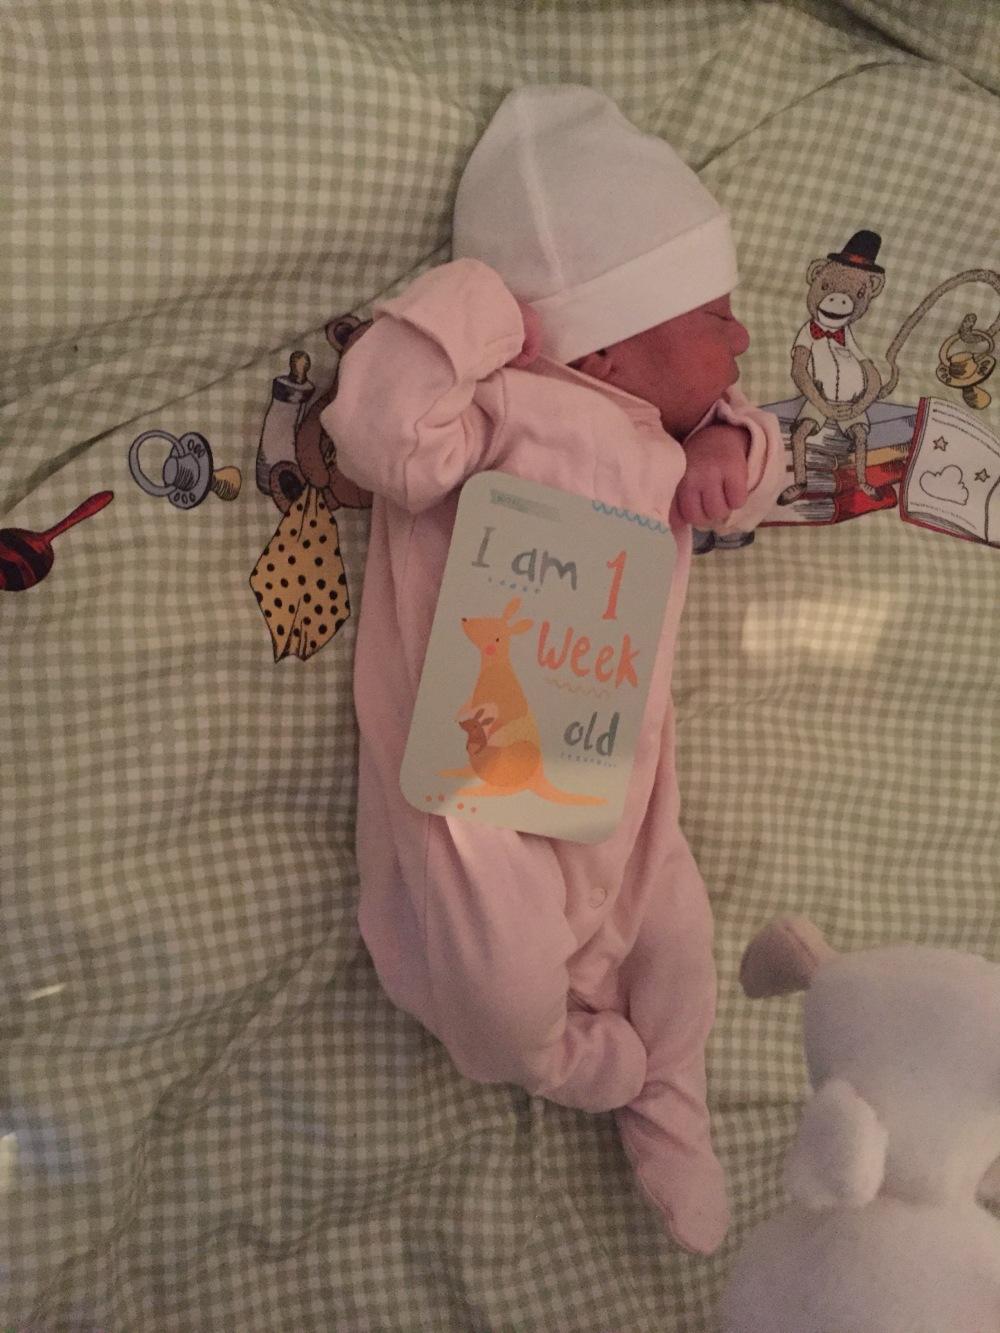 newborn baby one week old